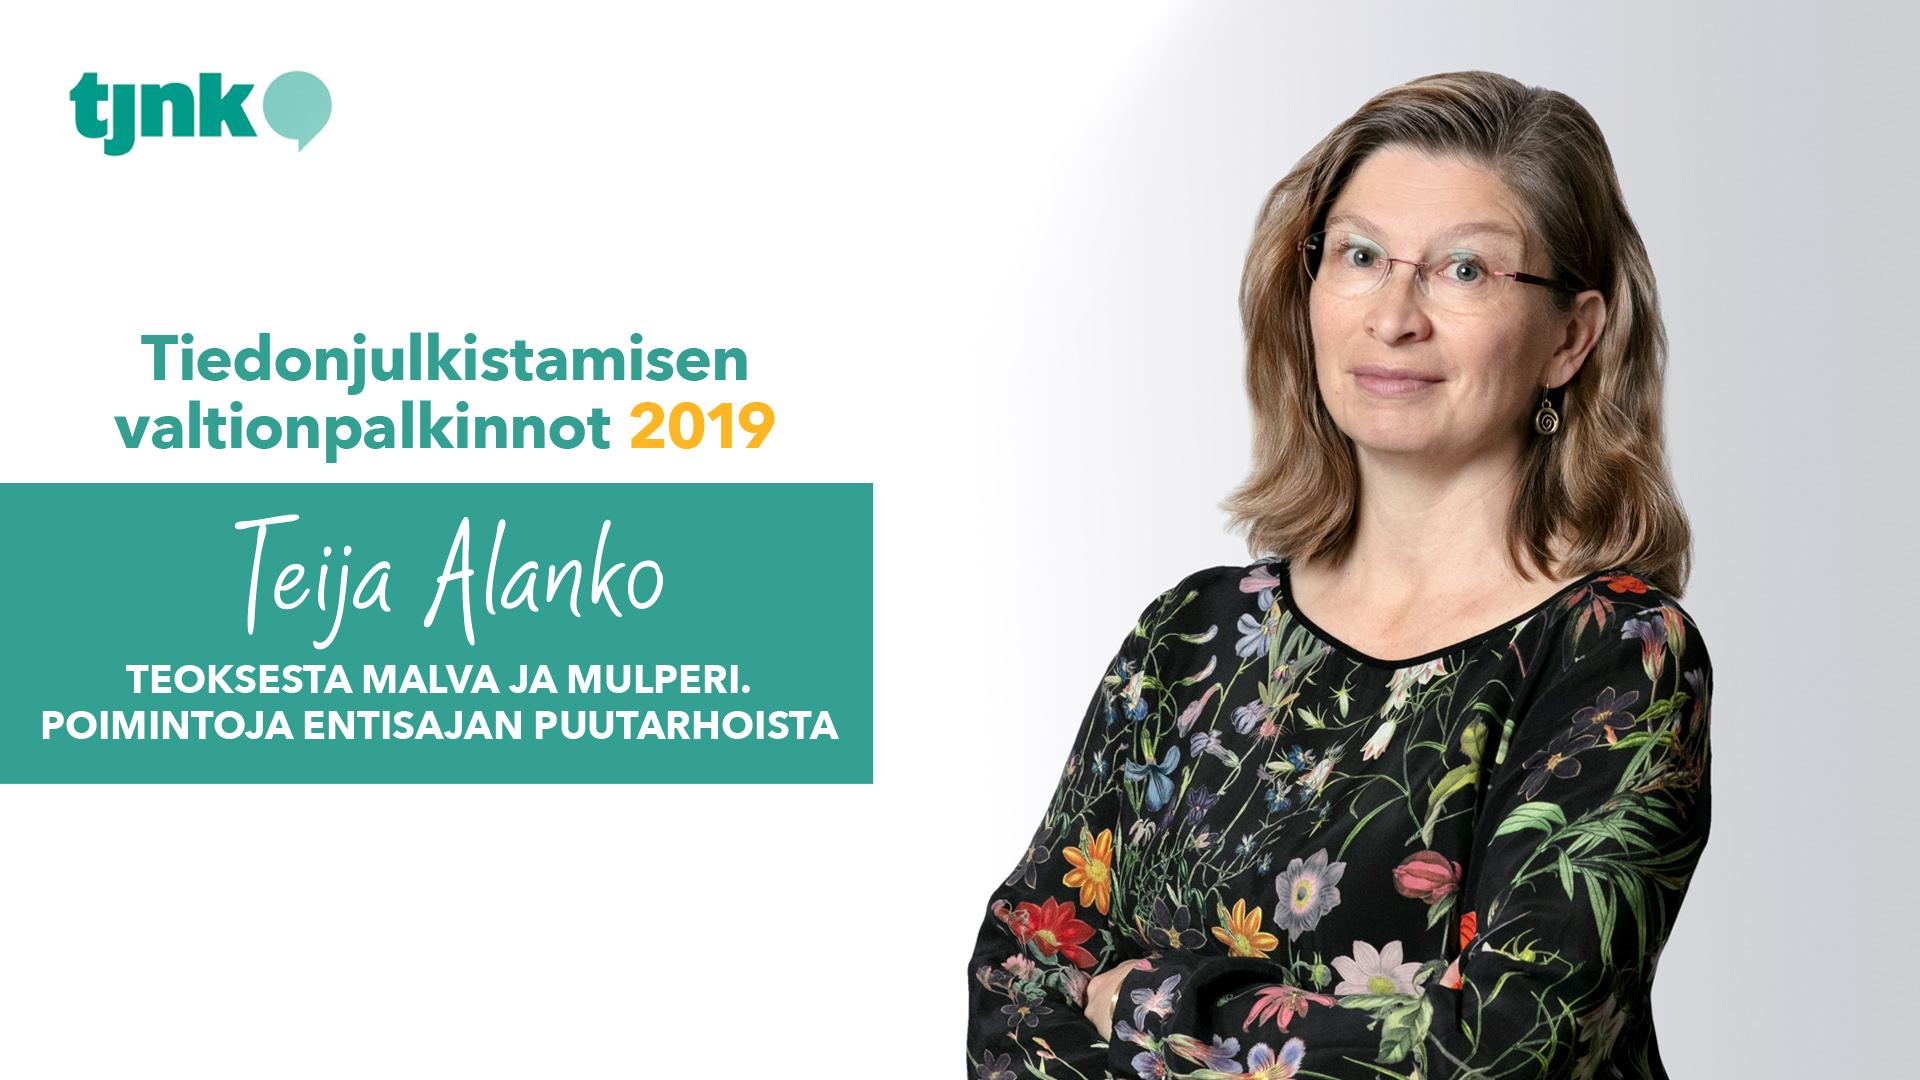 Tiedonjulkistamisen valtionpalkinnon 2019 saanut Teija Alanko.